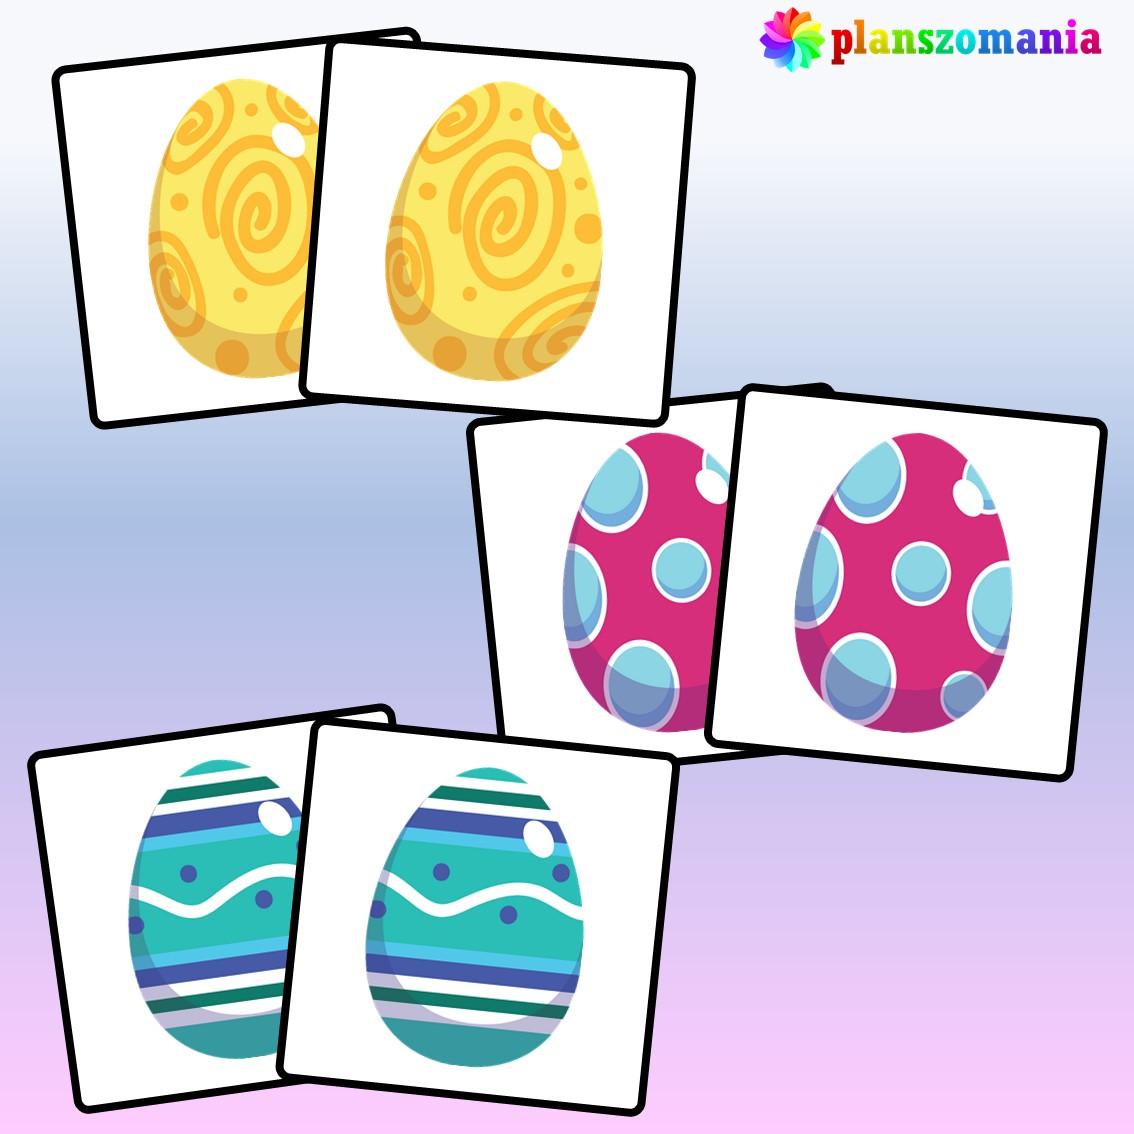 układanka edukacyjna ćwiczenie na pamięć planszomania edukacja dzieci pdf do druku trening pamięci memo wielkanoc memory